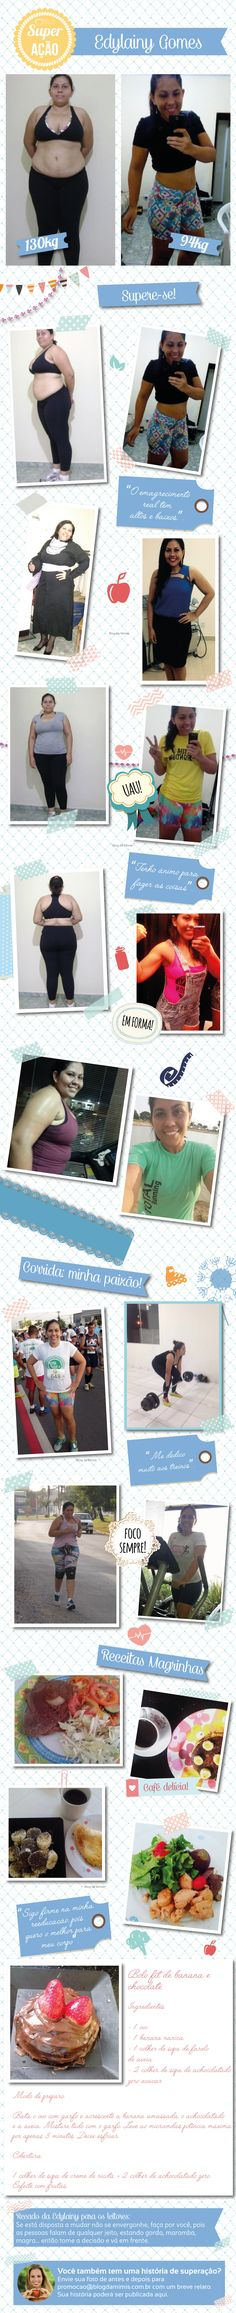 Superação Edylainy Gomes - Blog da Mimis - Mamãe sarada: ela saiu da obesidade mórbida para a boa forma.